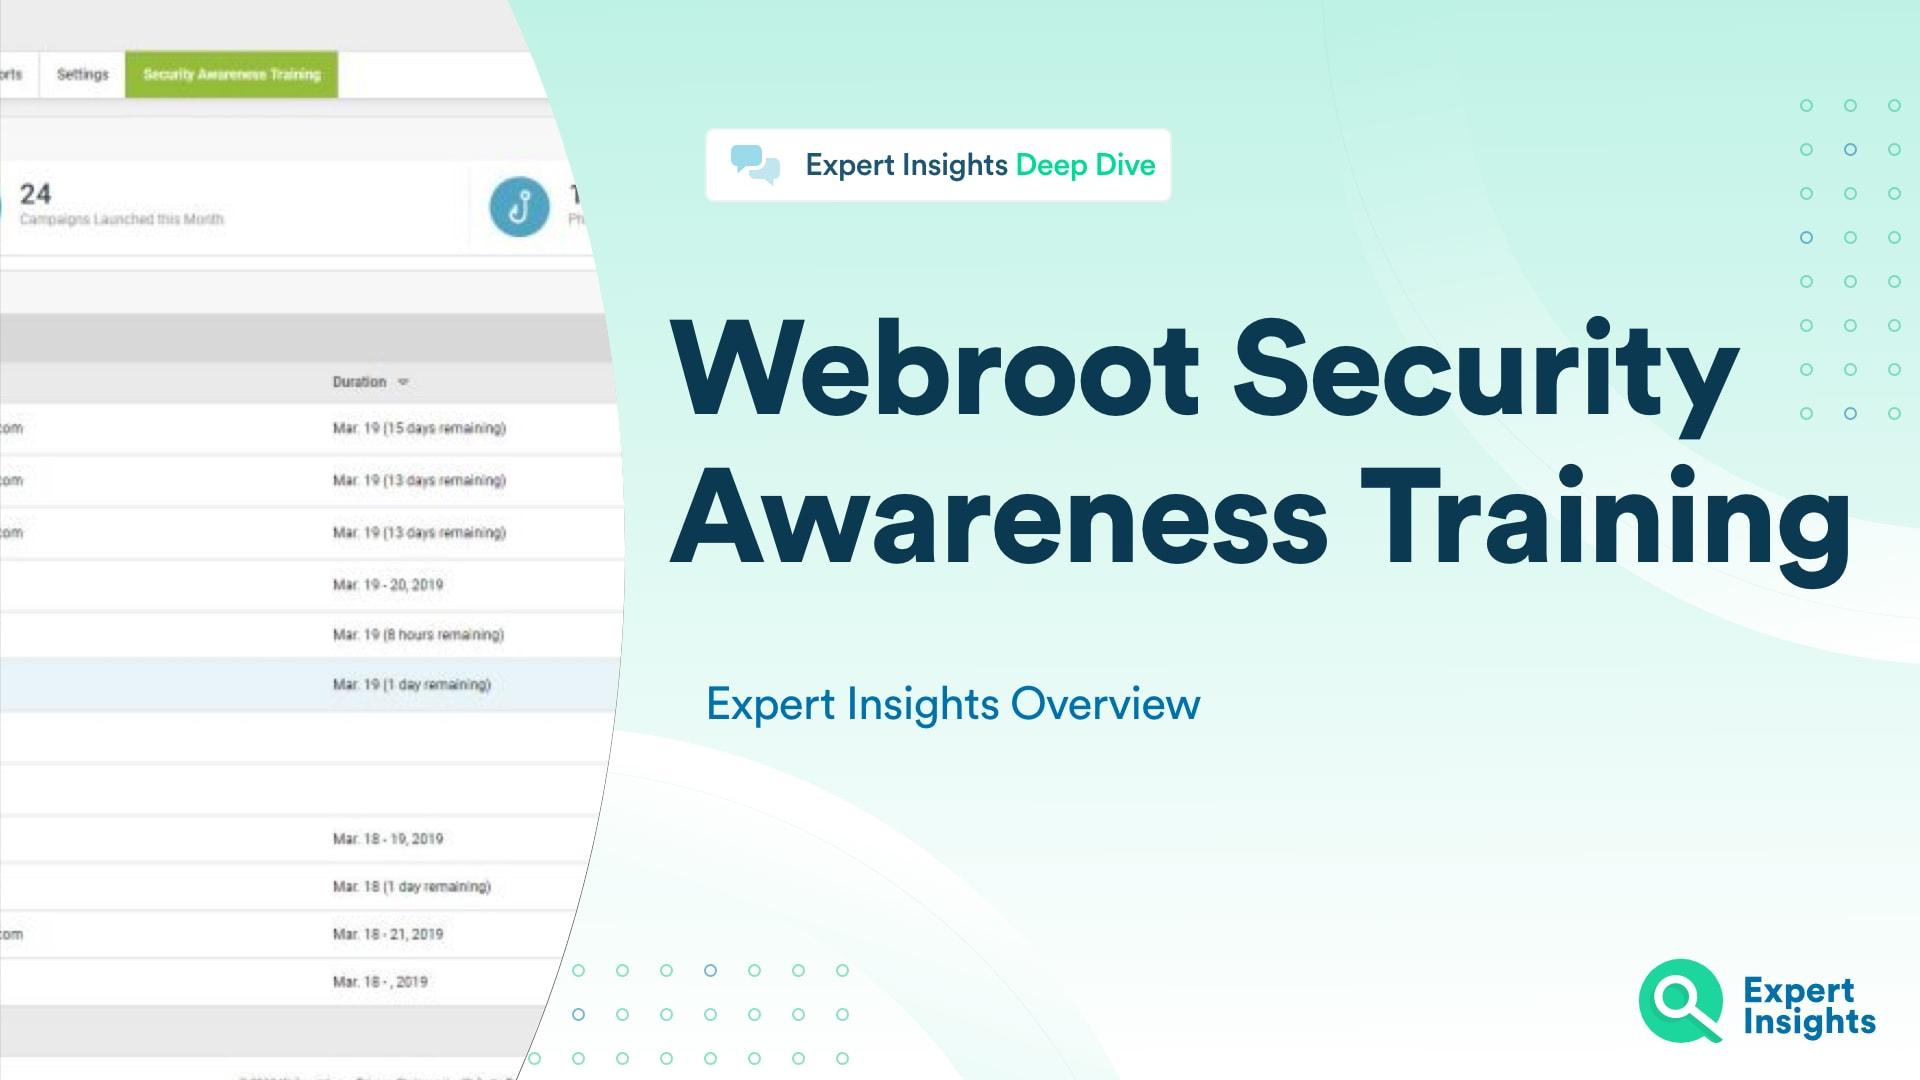 Expert Insights Webroot Security Awareness Training